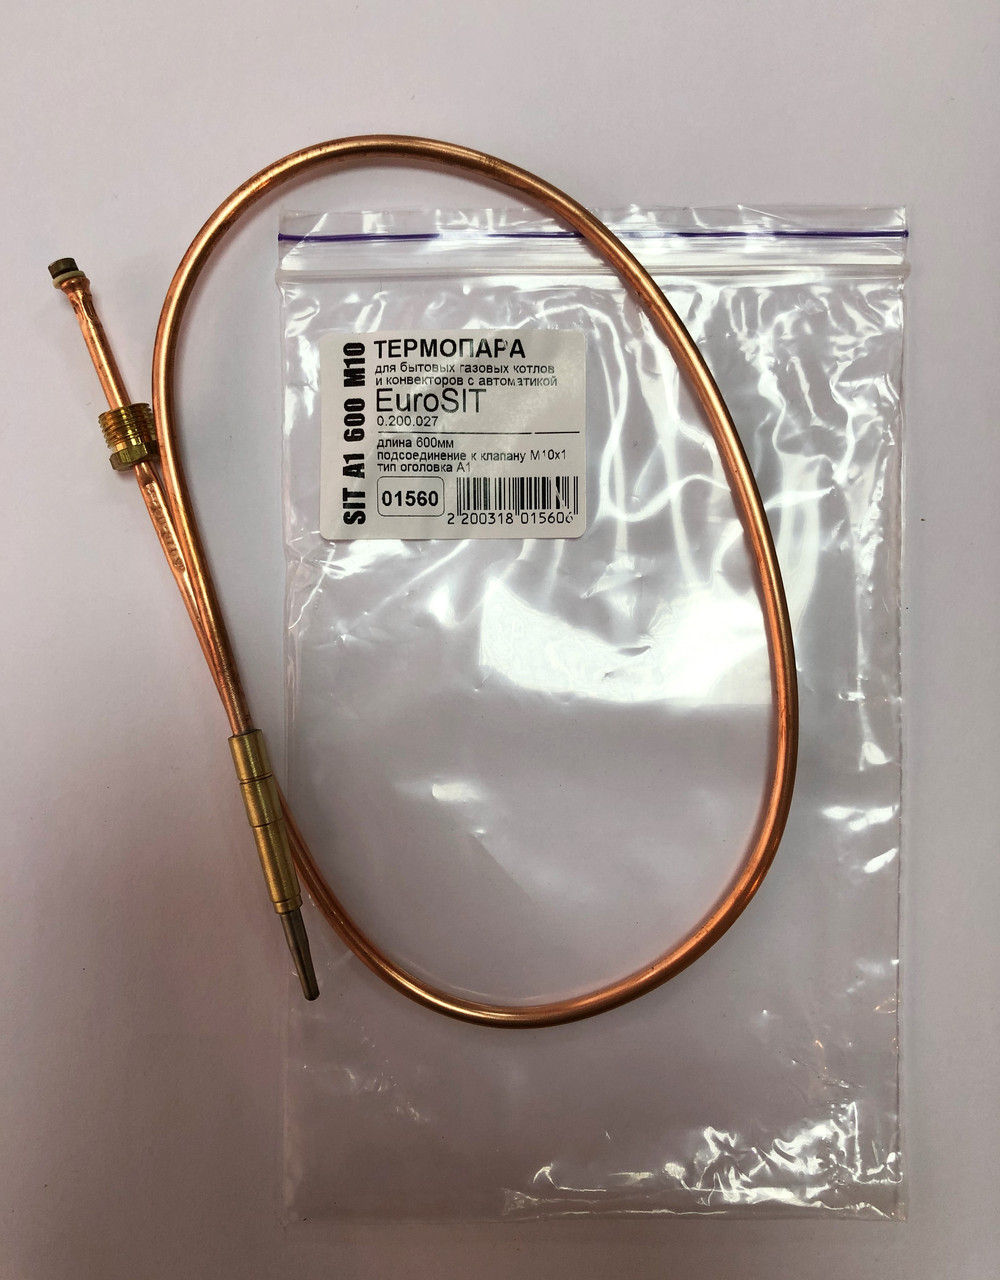 Термопара для котлов SIT A1 600 М10